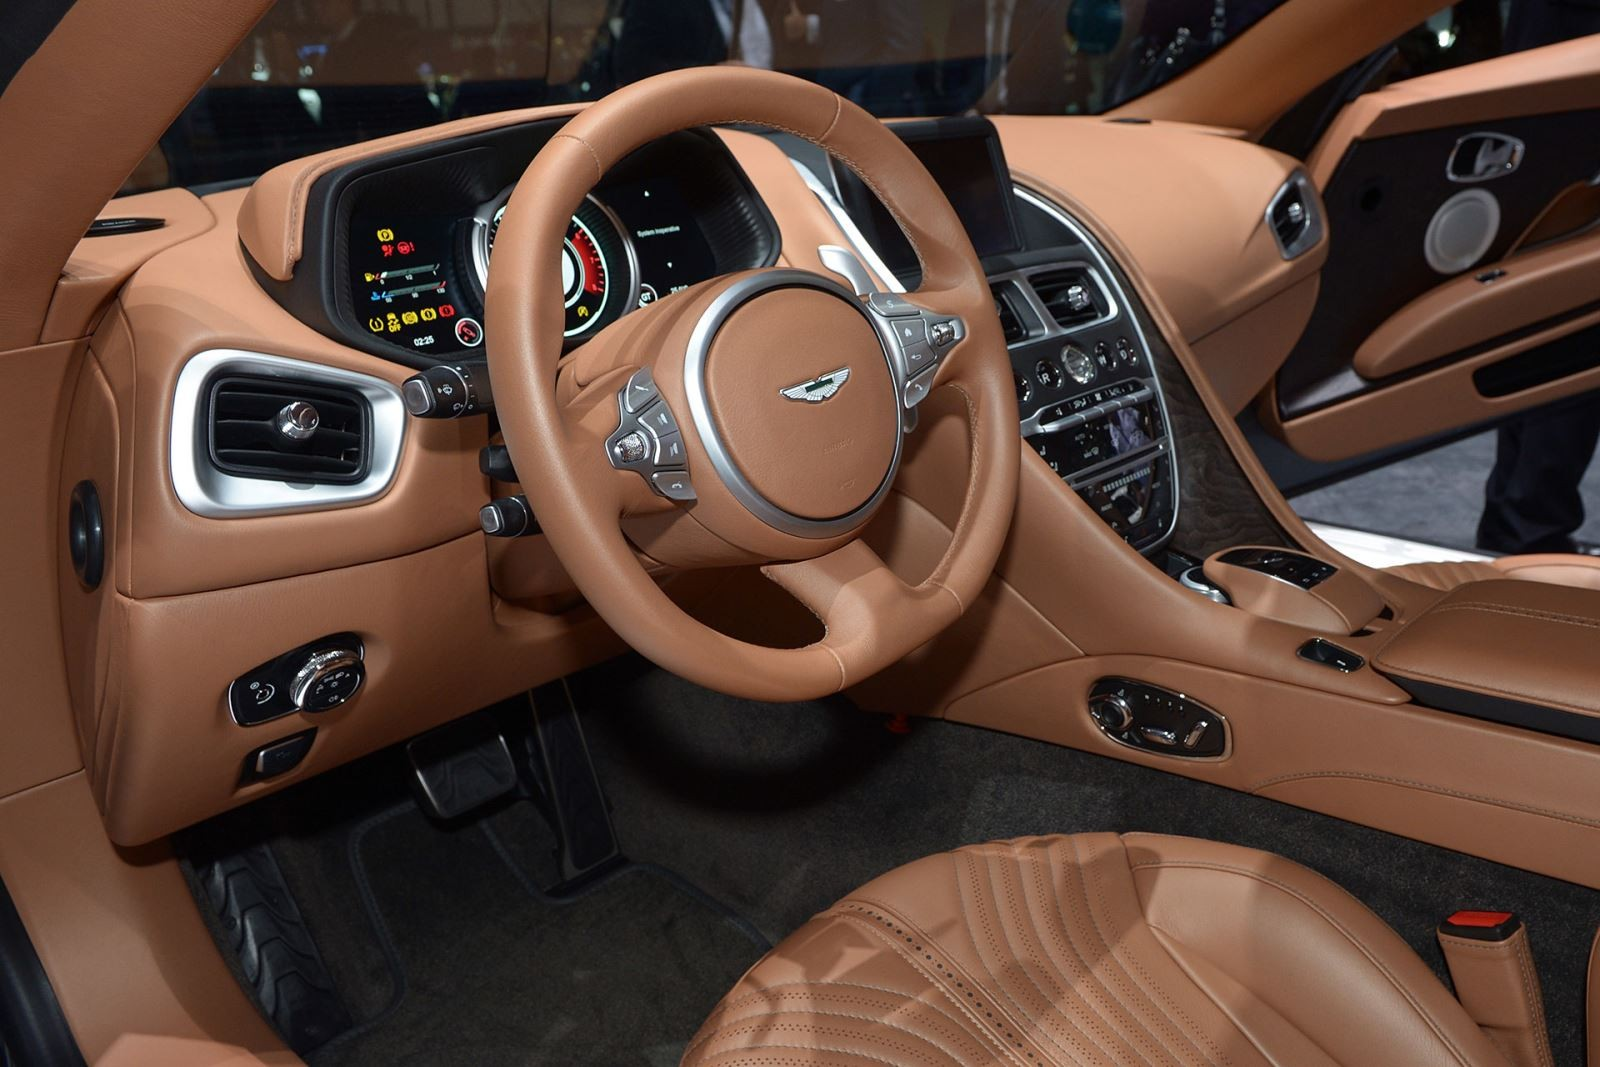 Новое купе Aston Martin DB11 представлено на выставке MOTOREXPO-2016 в Тольятти